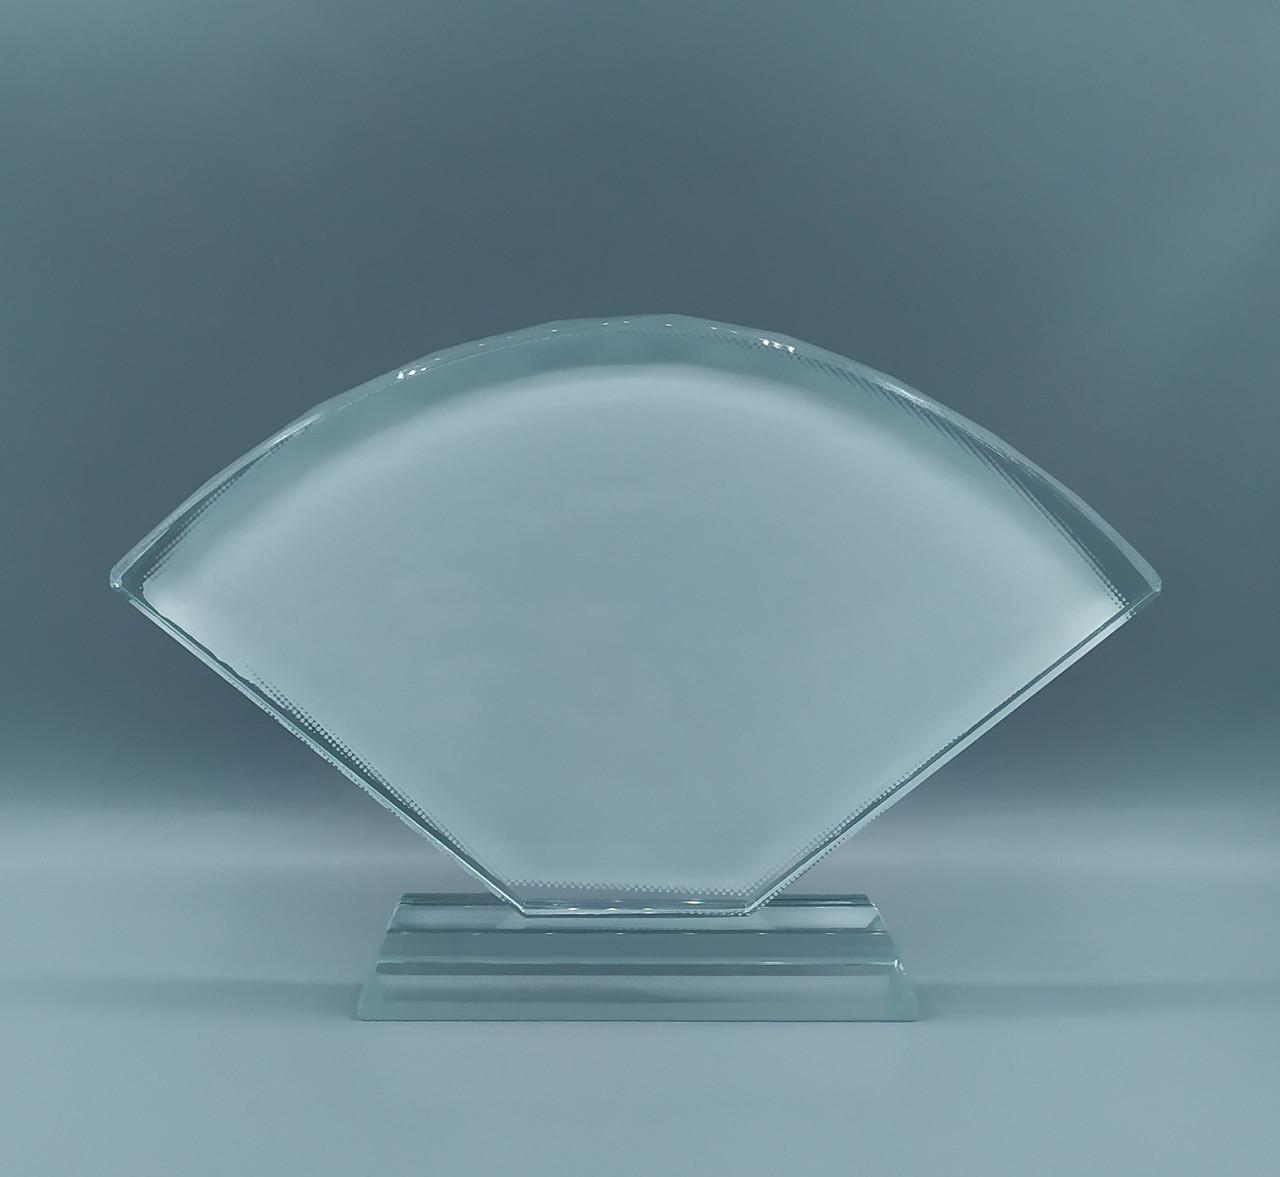 Фотокристалл для сублимации (BSJ-17),размер - 225*128*18мм